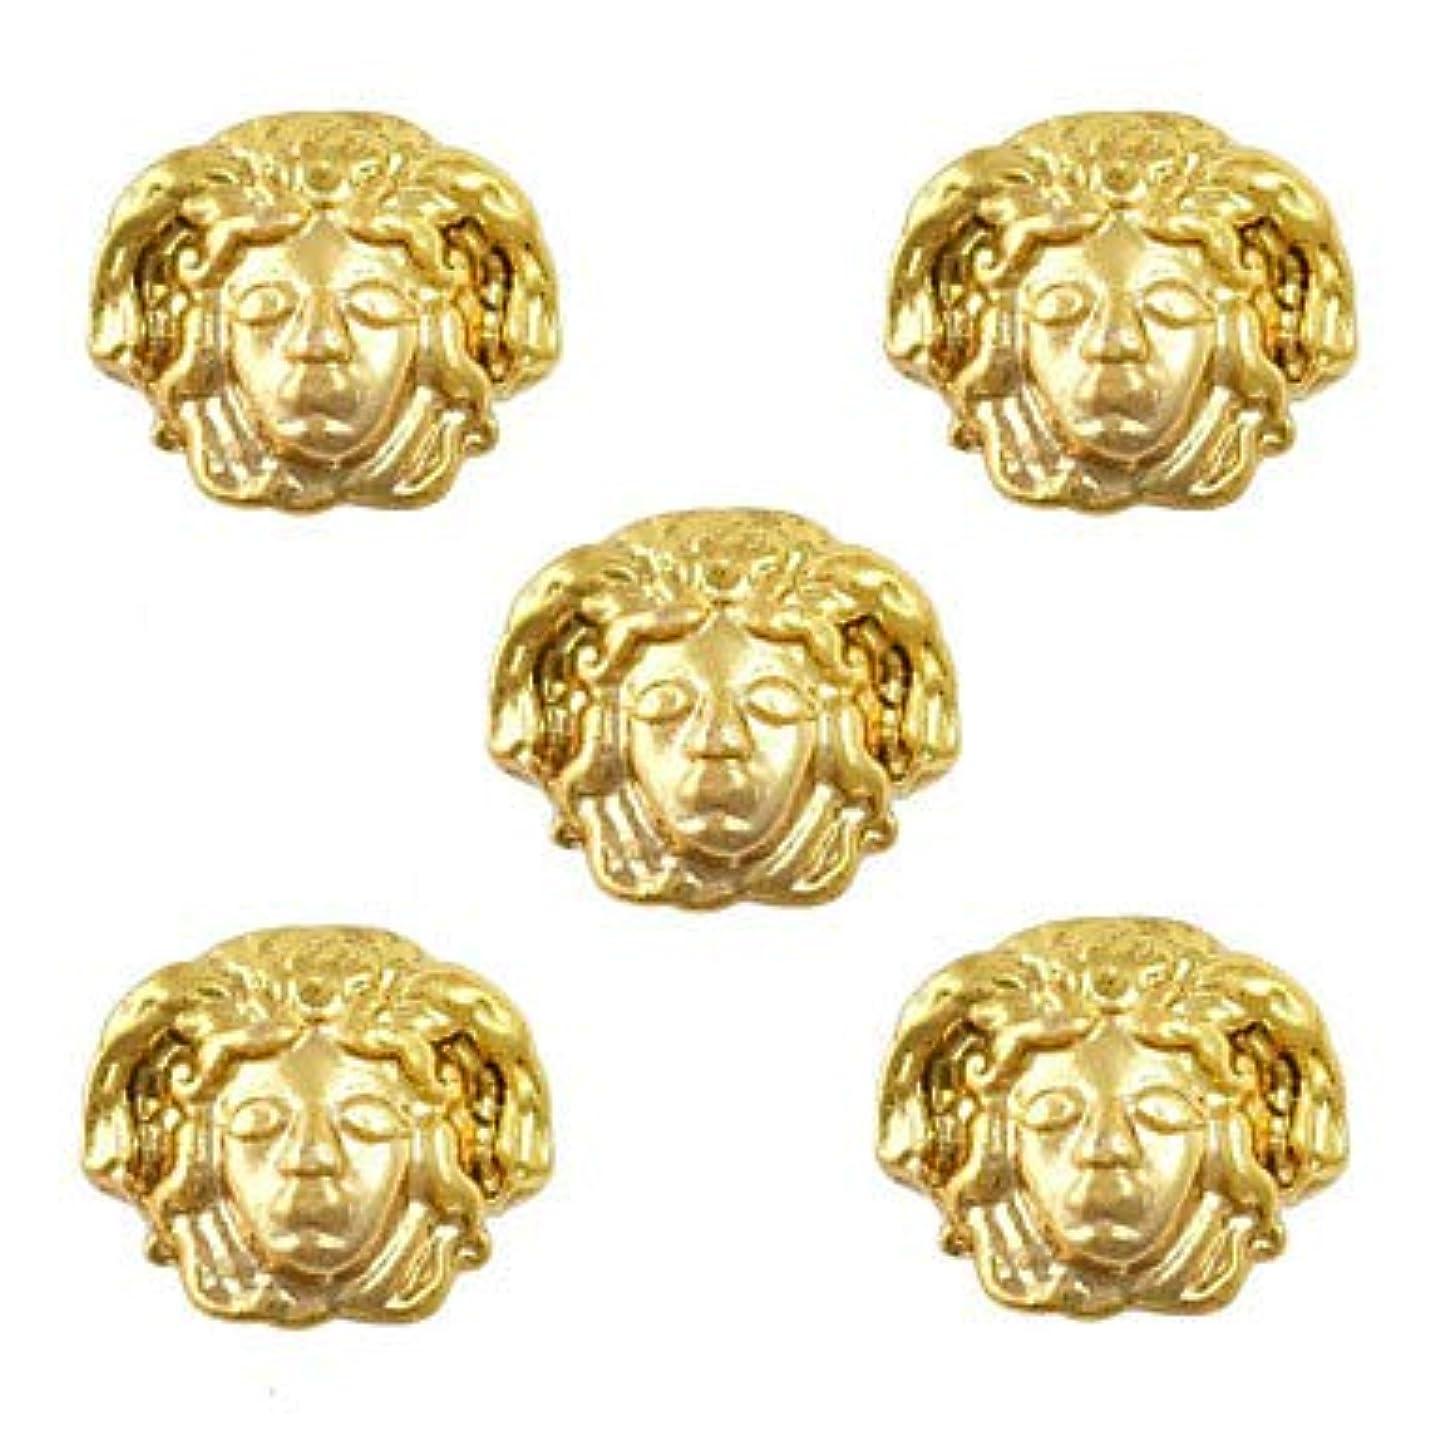 効果的に見えないナチュラル美容エジプトスタイルゴールドネイルチャーム3Dメタルネイルアートデコレーションアクセサリー用品ツール